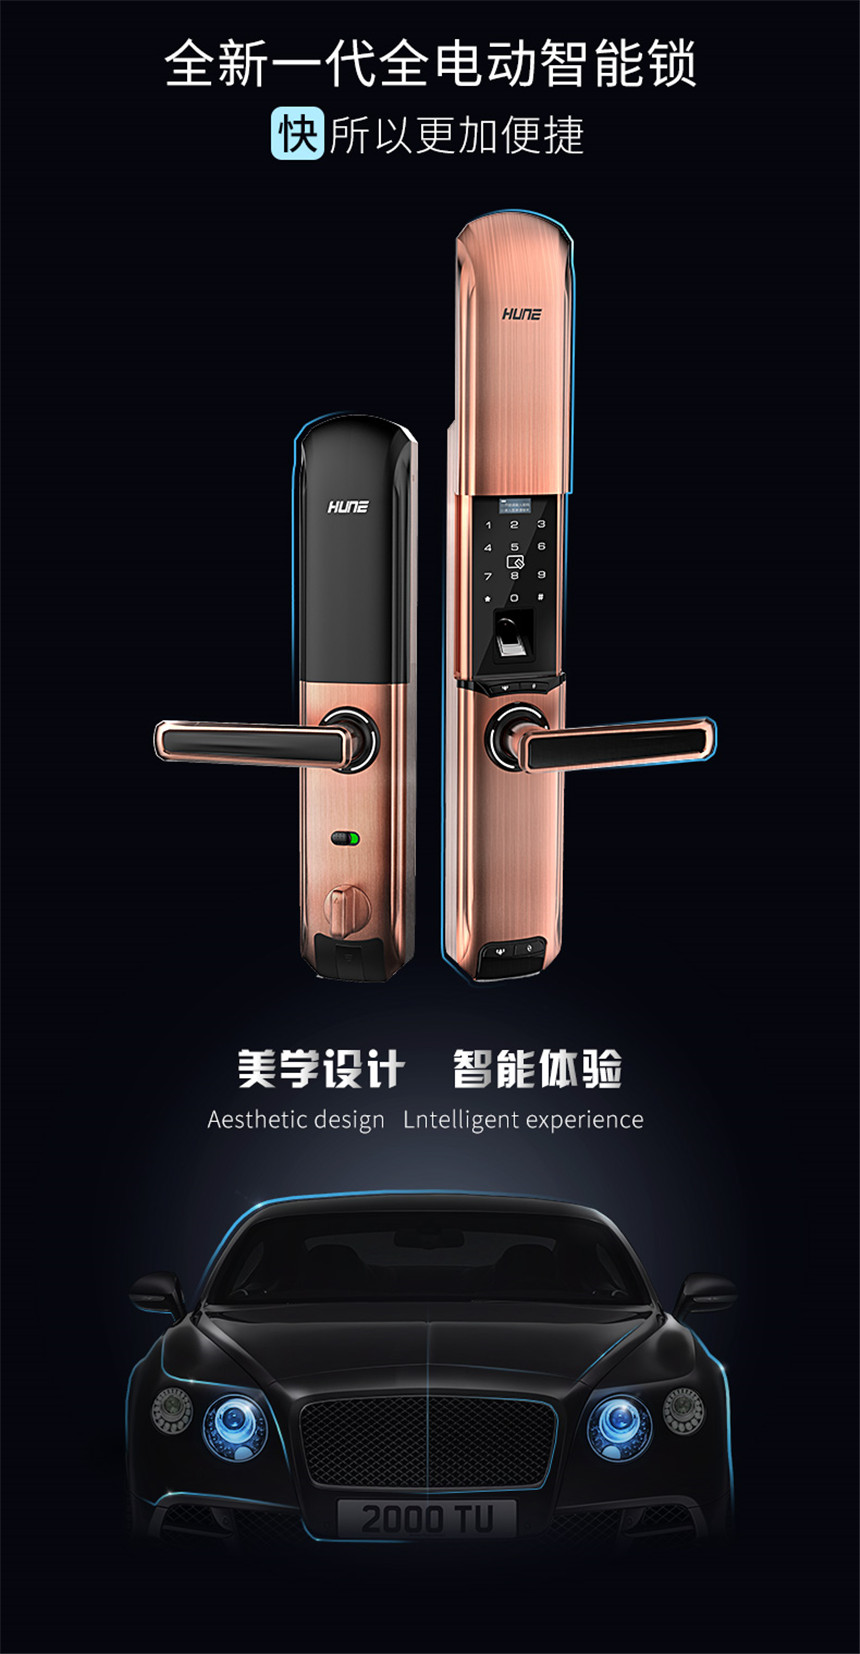 全新一代欧陆式智能锁指纹锁918-90-F